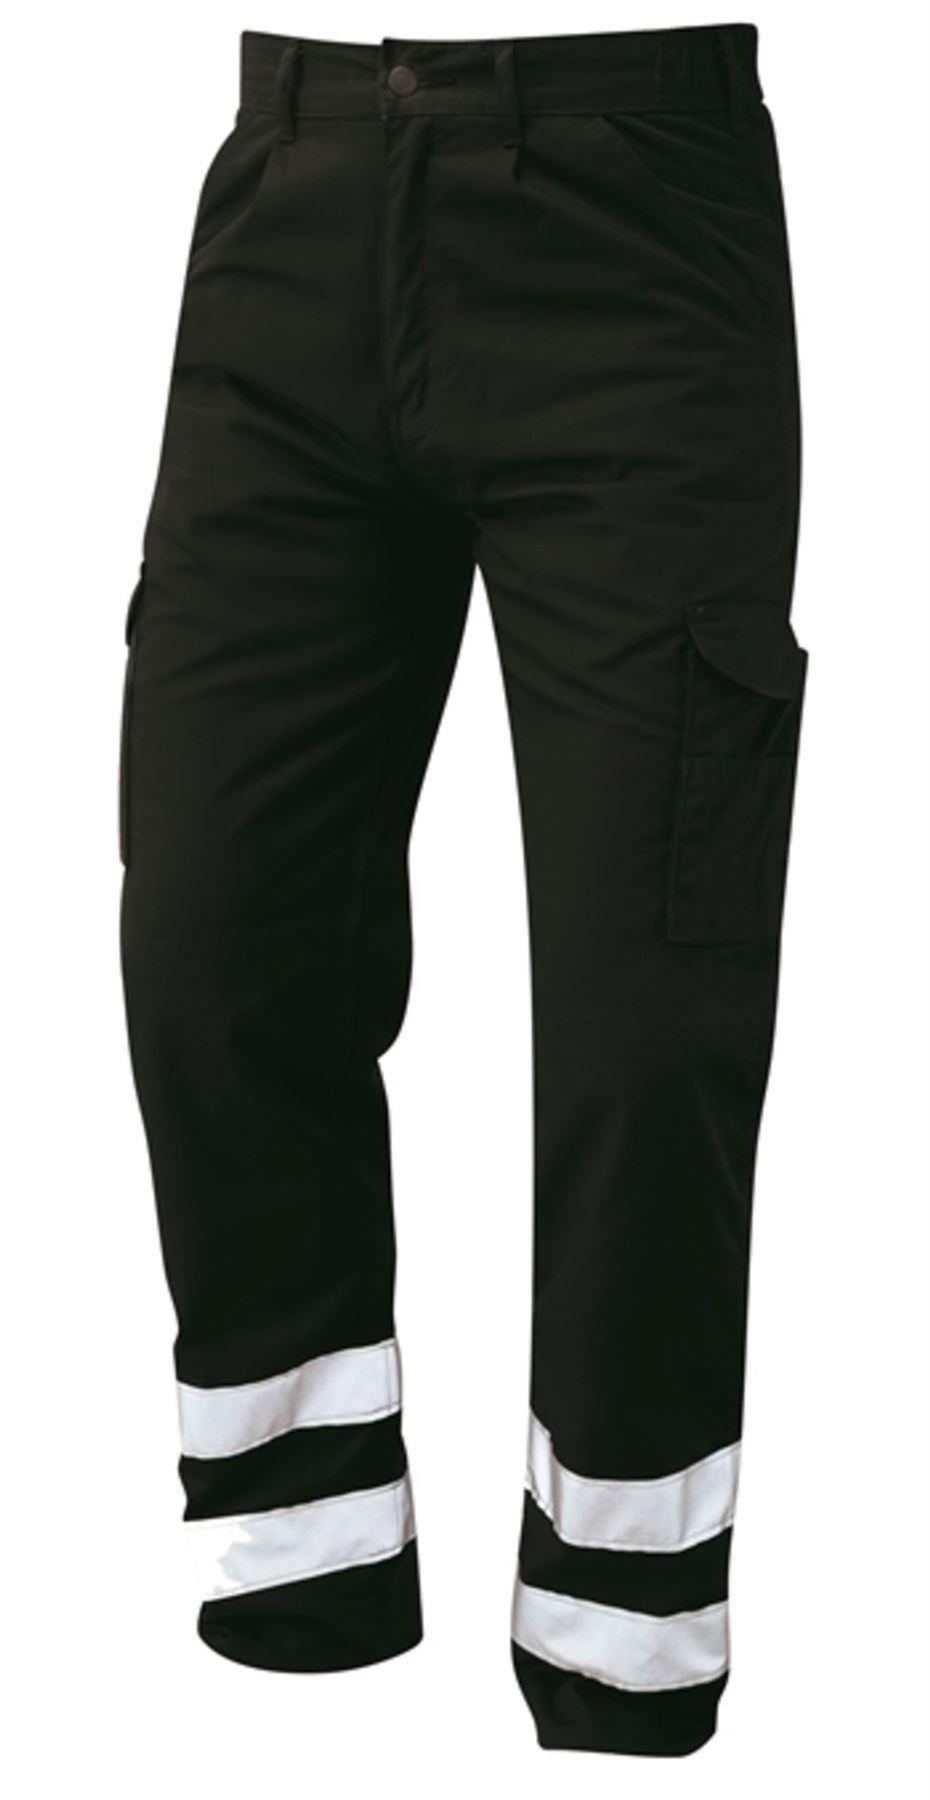 Orn Condor Hi Vis Kneepad Trousers - Black|48W29L